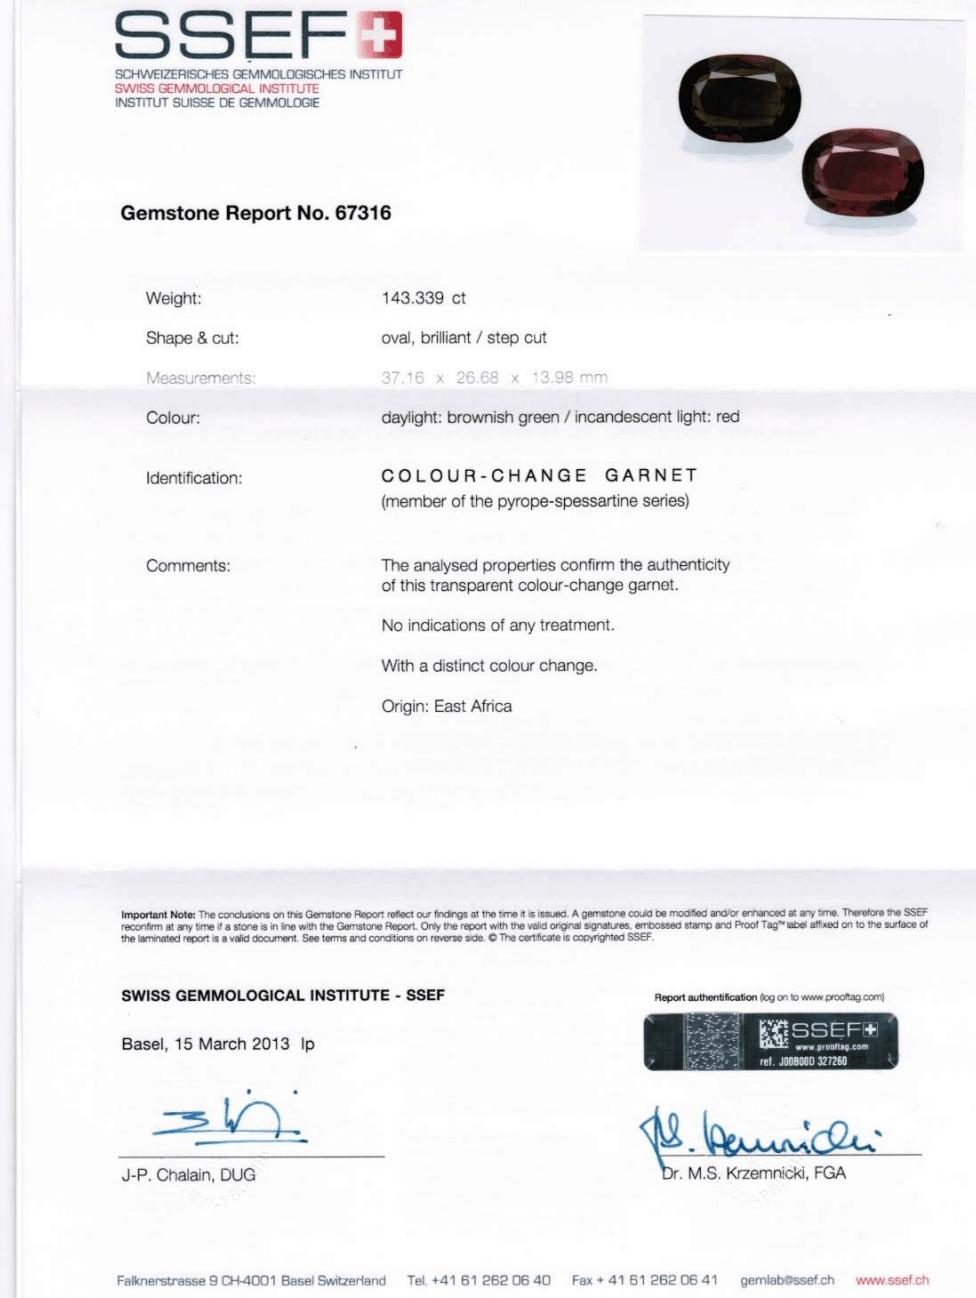 SSEF Certification